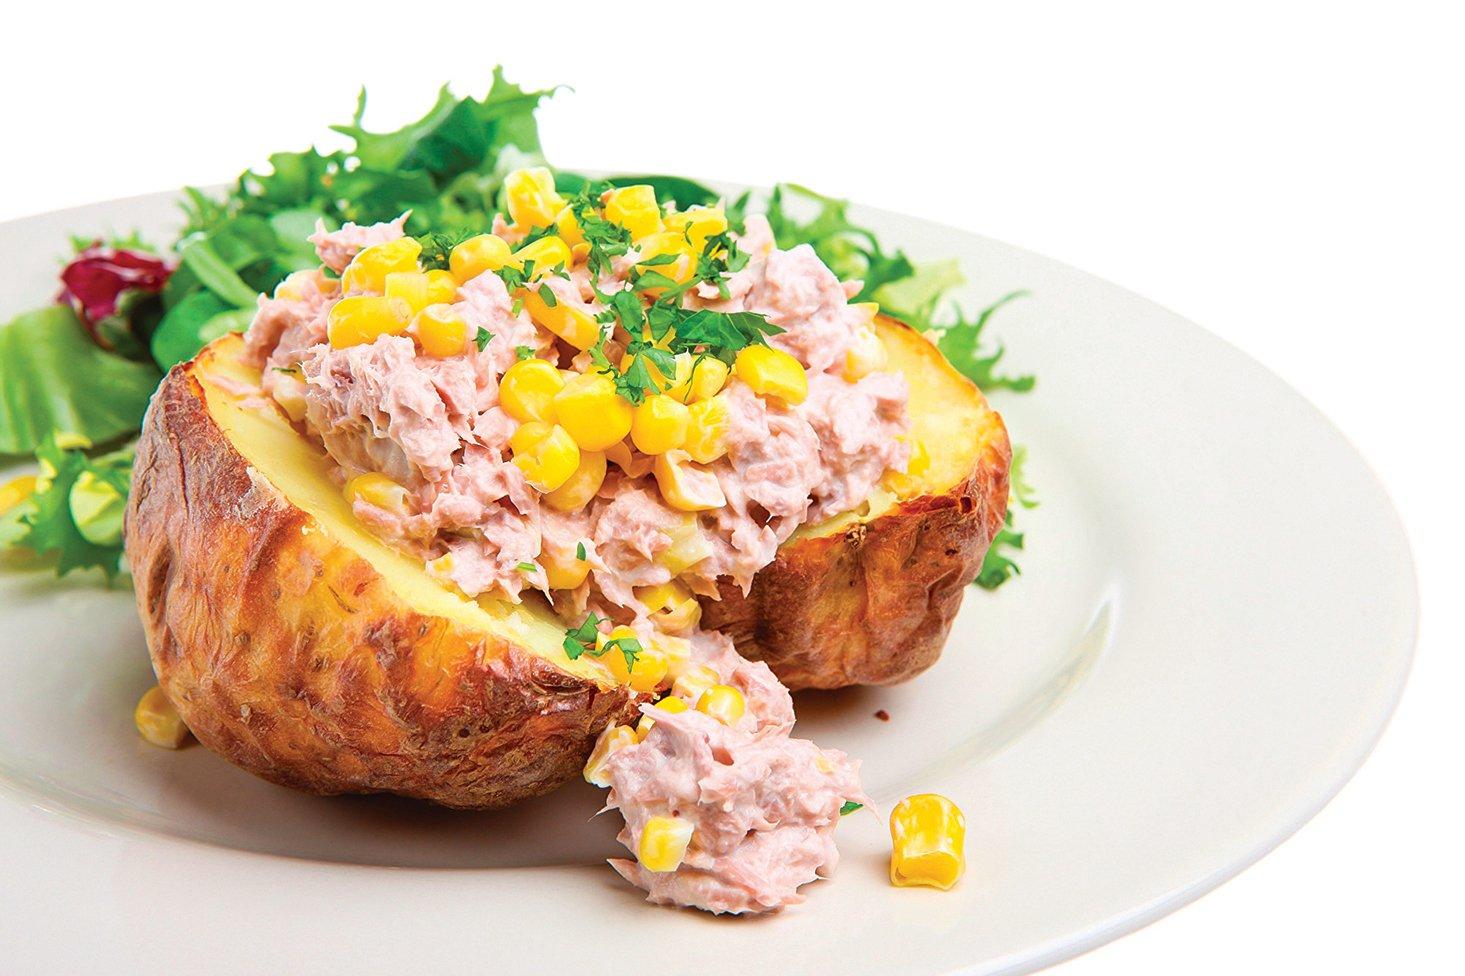 料理薯仔時不要剝皮,才能攝取足夠的纖維質。